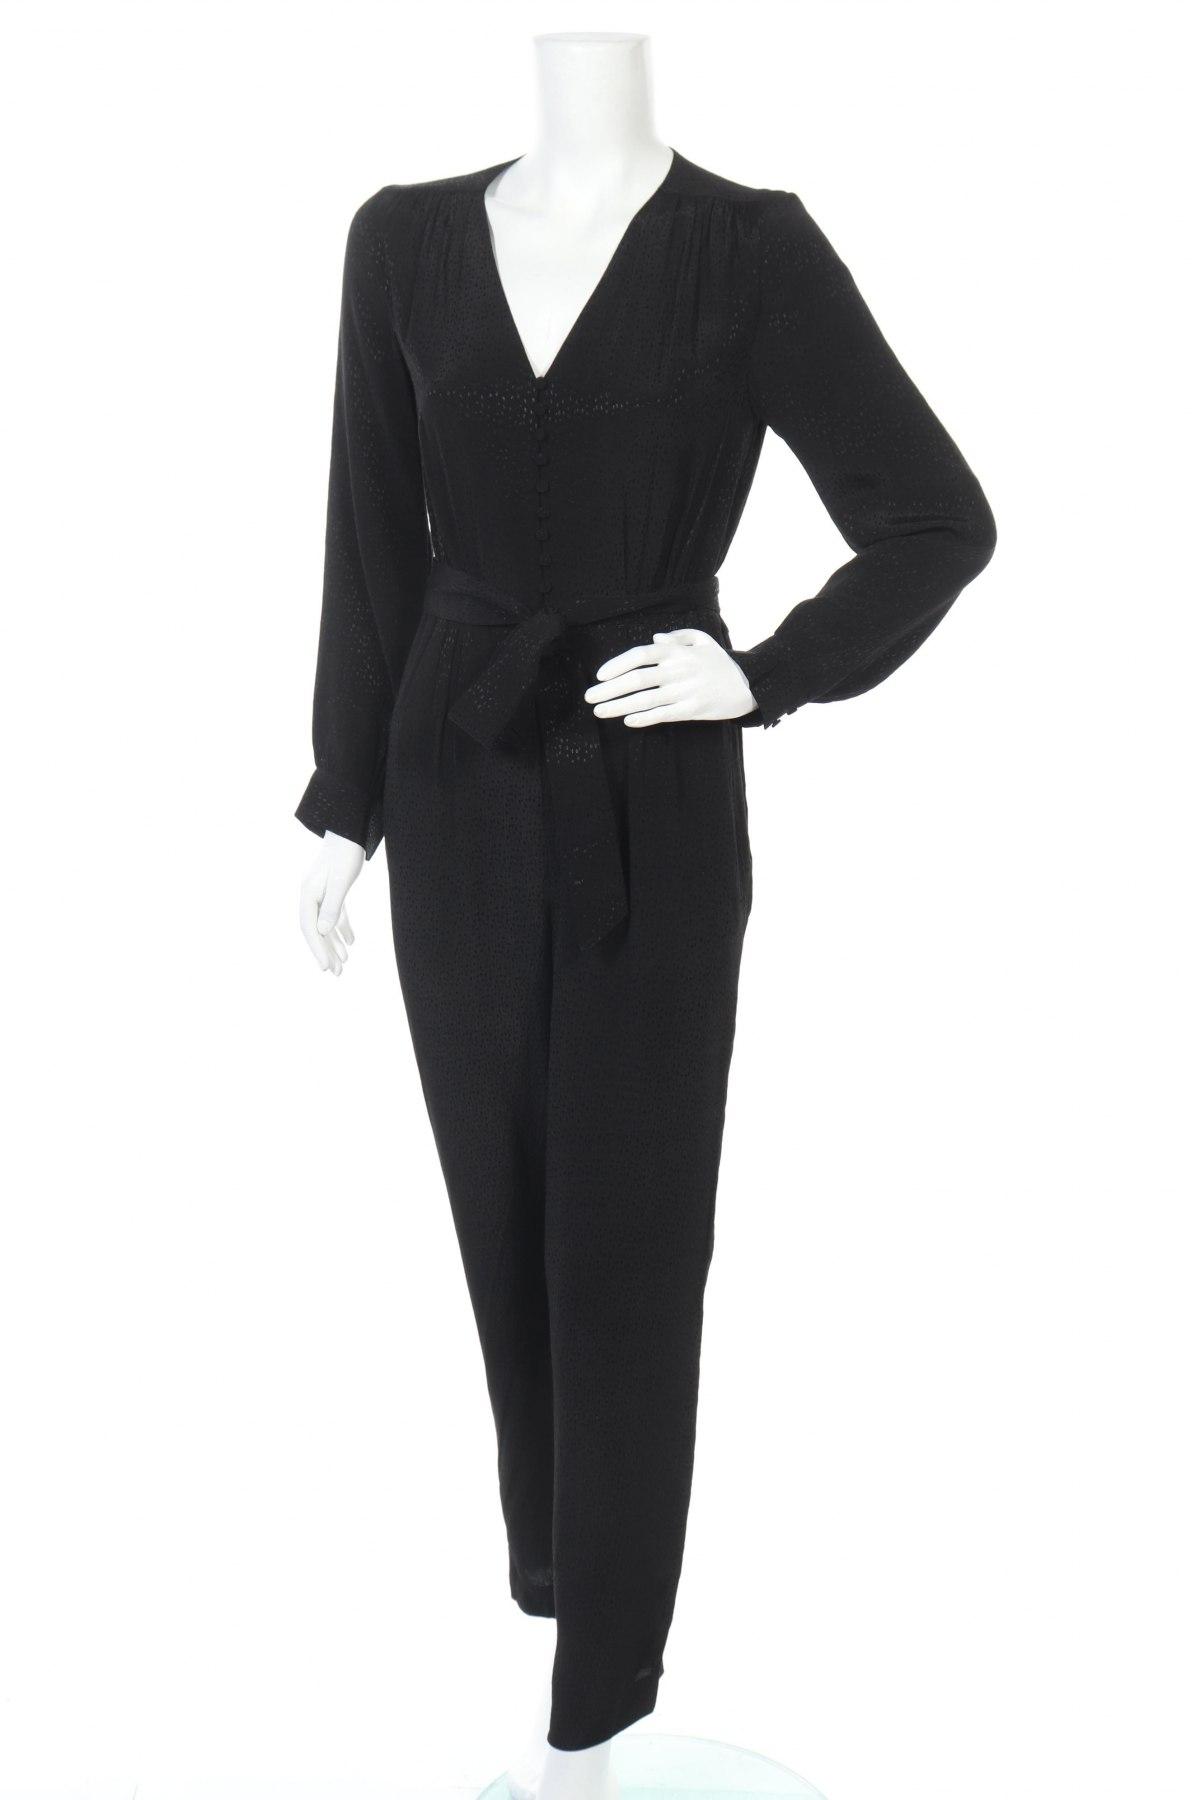 Γυναικεία σαλοπέτα Massimo Dutti, Μέγεθος S, Χρώμα Μαύρο, 100% βισκόζη, Τιμή 19,97€